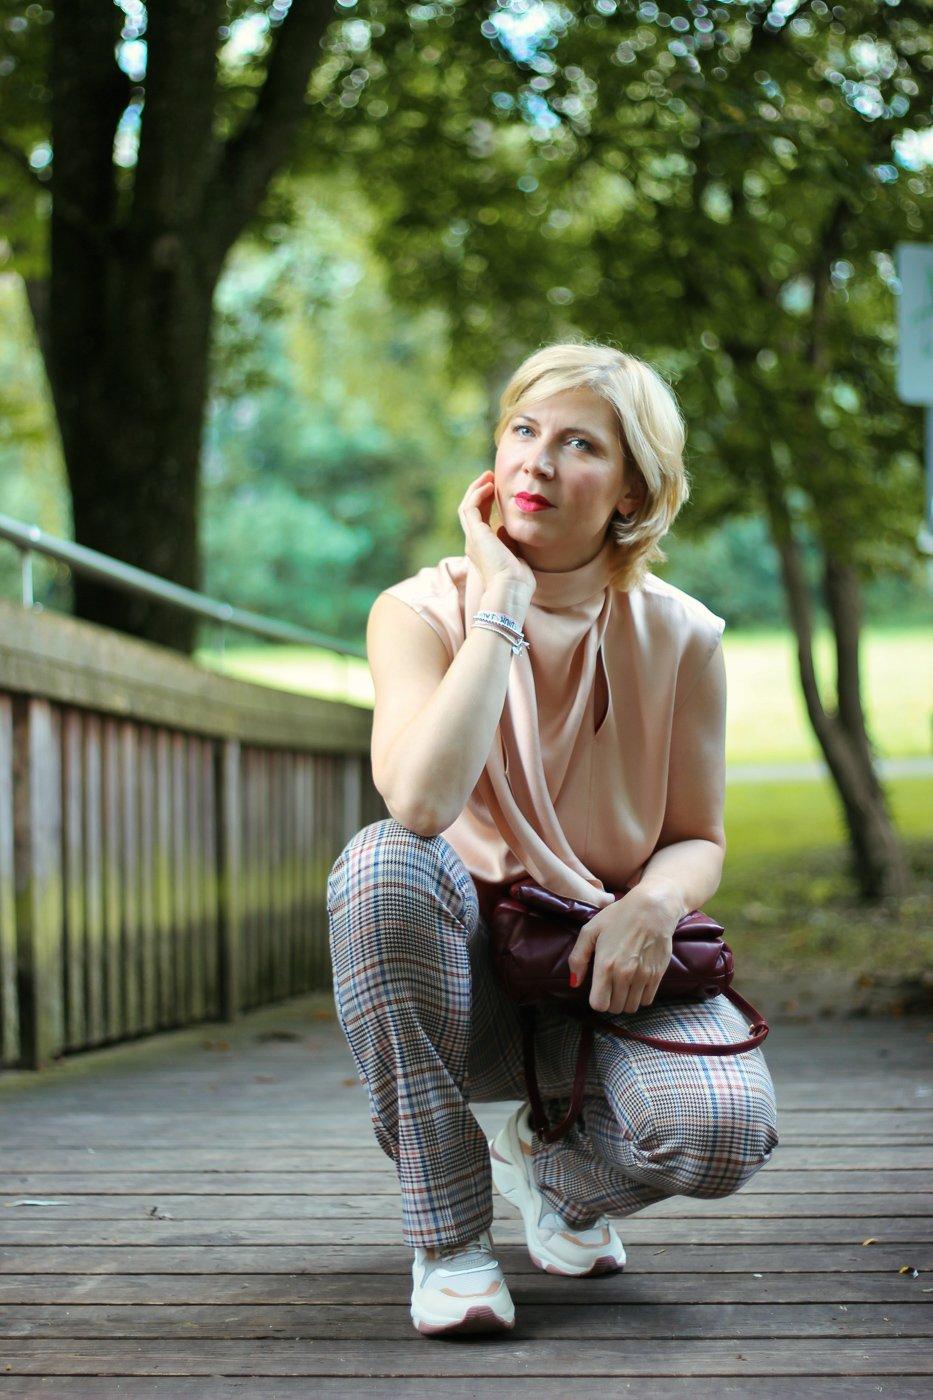 conny doll lifestyle: Meinung oder Fakt? Erkennst du noch den Unterschied? Übergangslook mit Karo